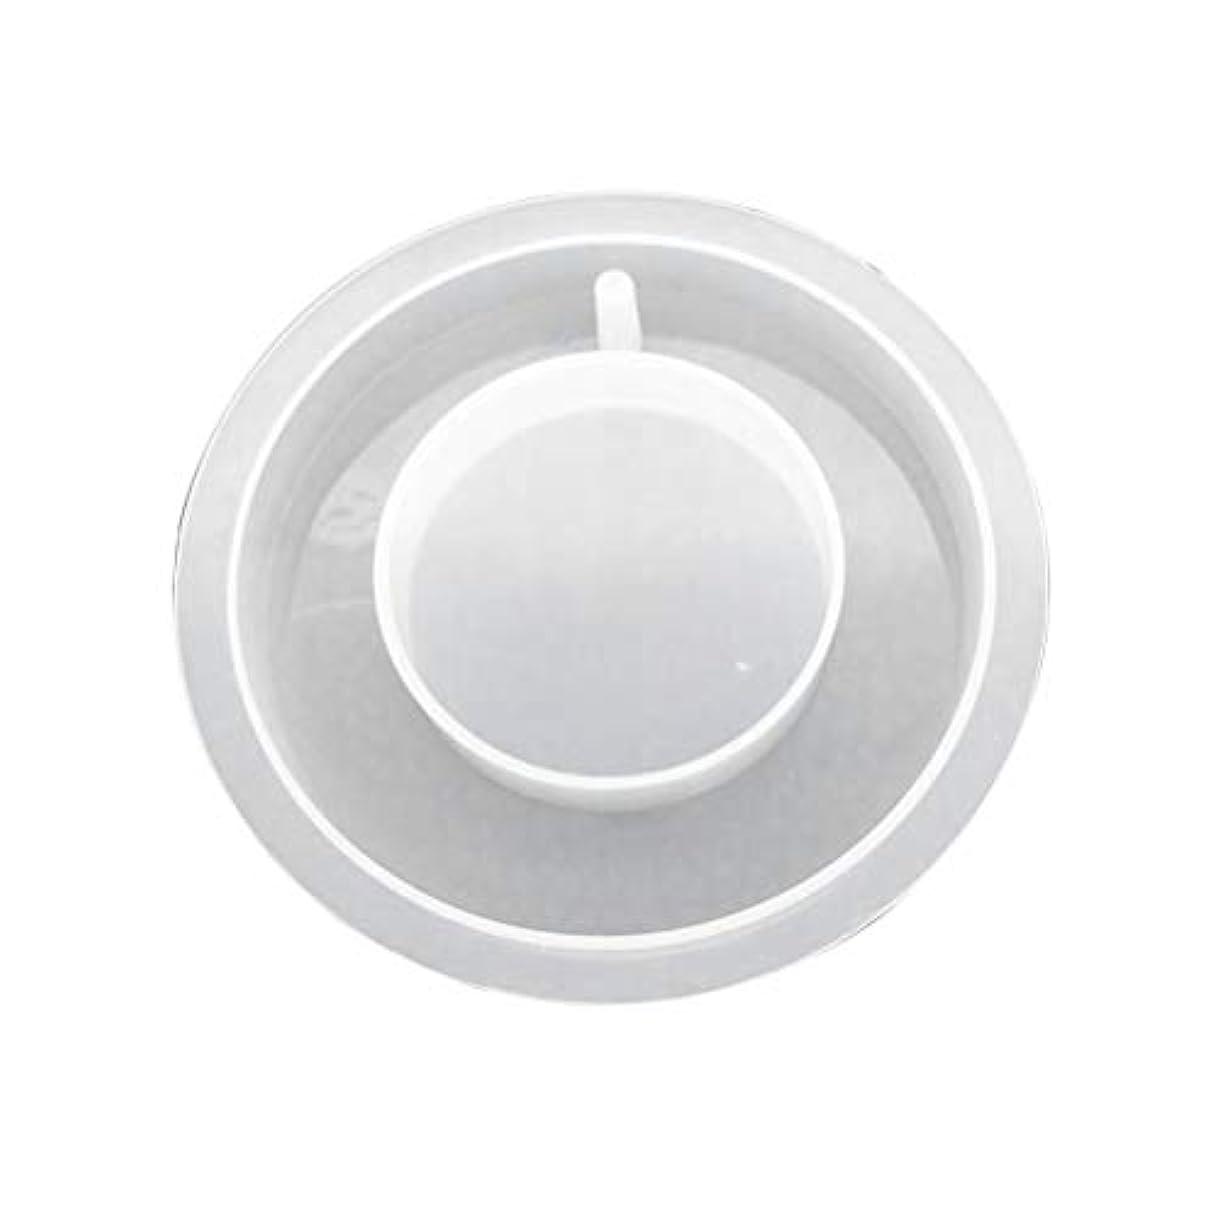 見通し十分パントリーSUPVOX 樹脂シリコーンリング形状ペンダントクリスタルエポキシ金型でぶら下げ穴石鹸キャンドル用diyギフトジュエリーネックレスペンダント作り